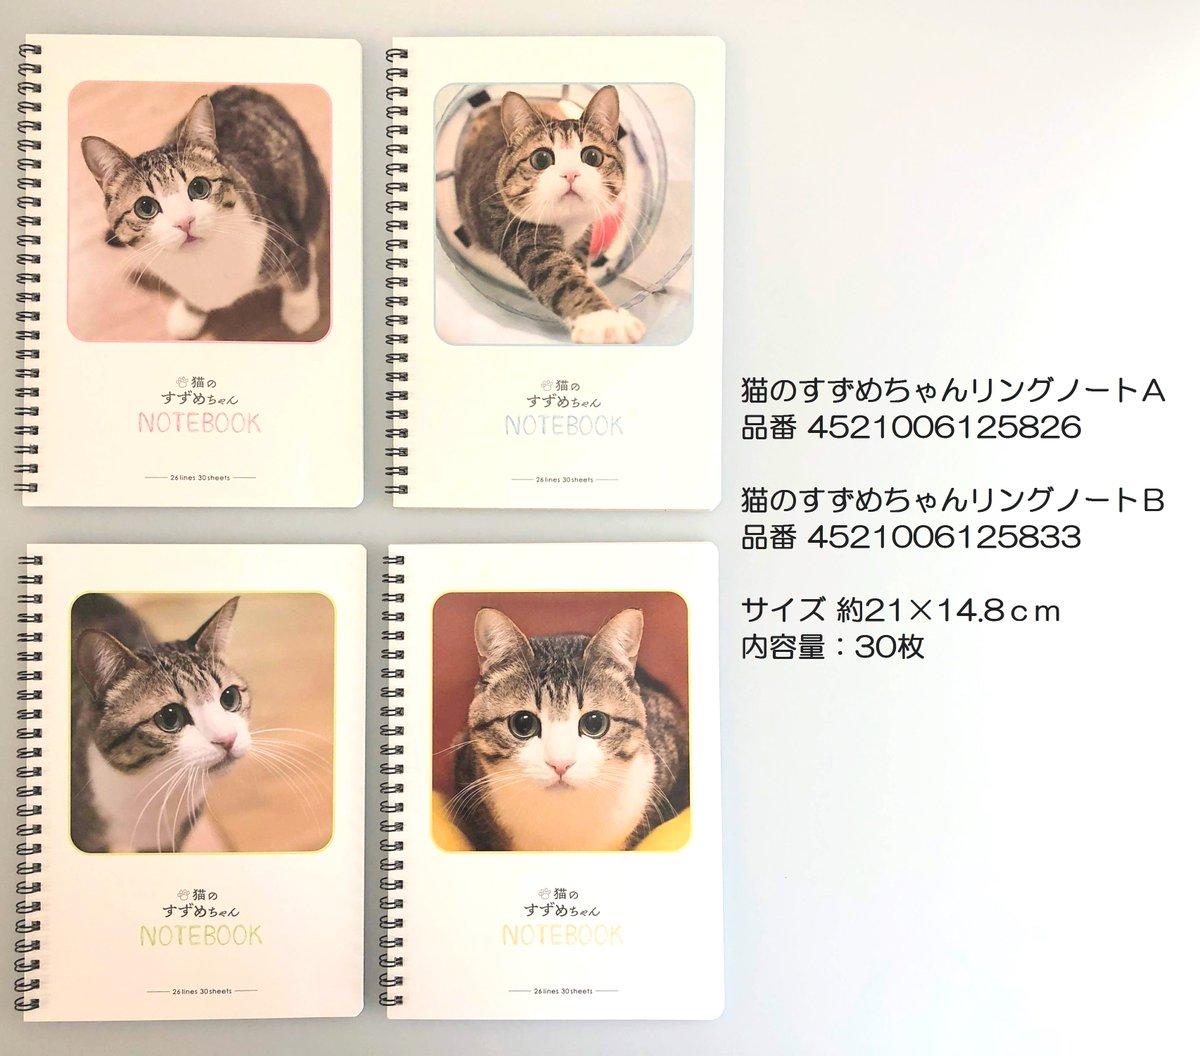 test ツイッターメディア - 本日7月18日(水)より順次発売開始★ 「 #猫のすずめちゃん 」コラボ商品をご紹介します!!  第2弾はオフィスや学校でも大活躍のノートやメモ♪  #キャンドゥ #100均 #猫 #文房具 https://t.co/jwh0OeXVPB